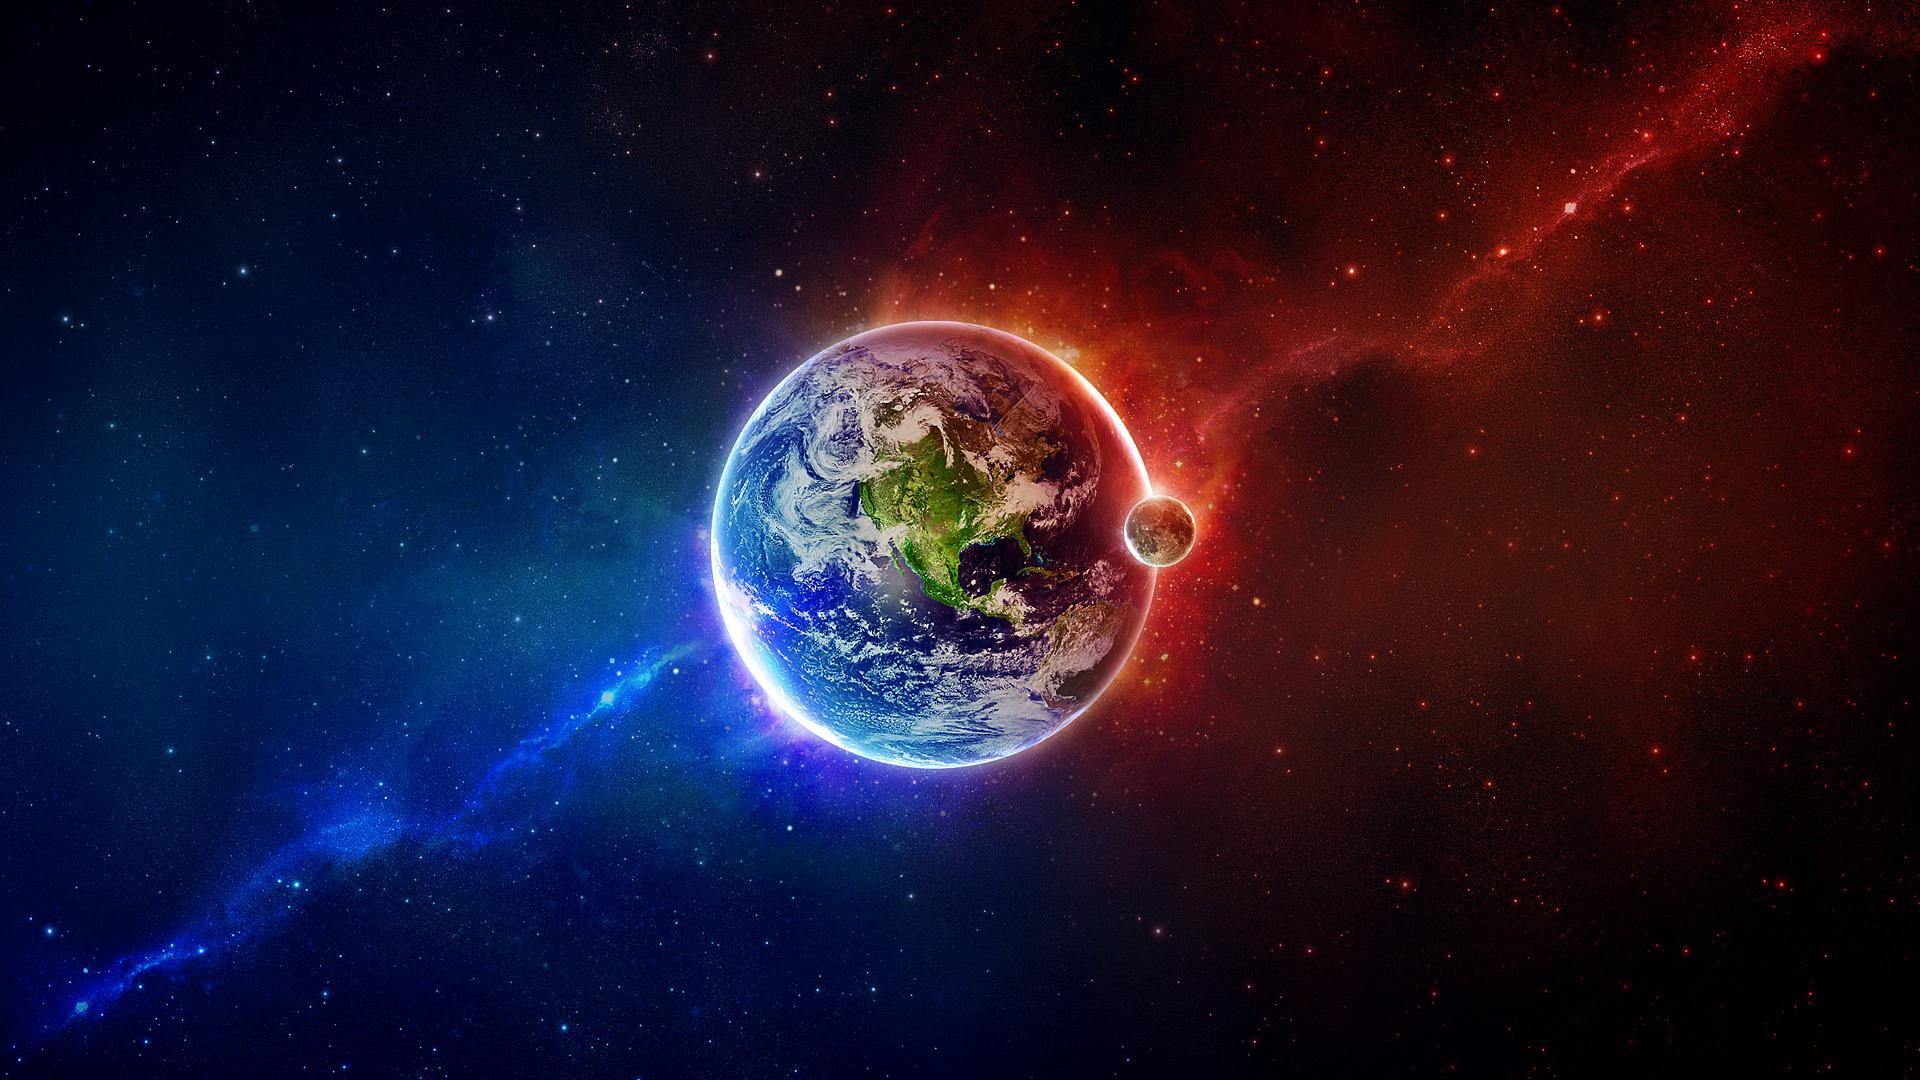 space scene eart blue red earth full hd wallpaper 1920x1080